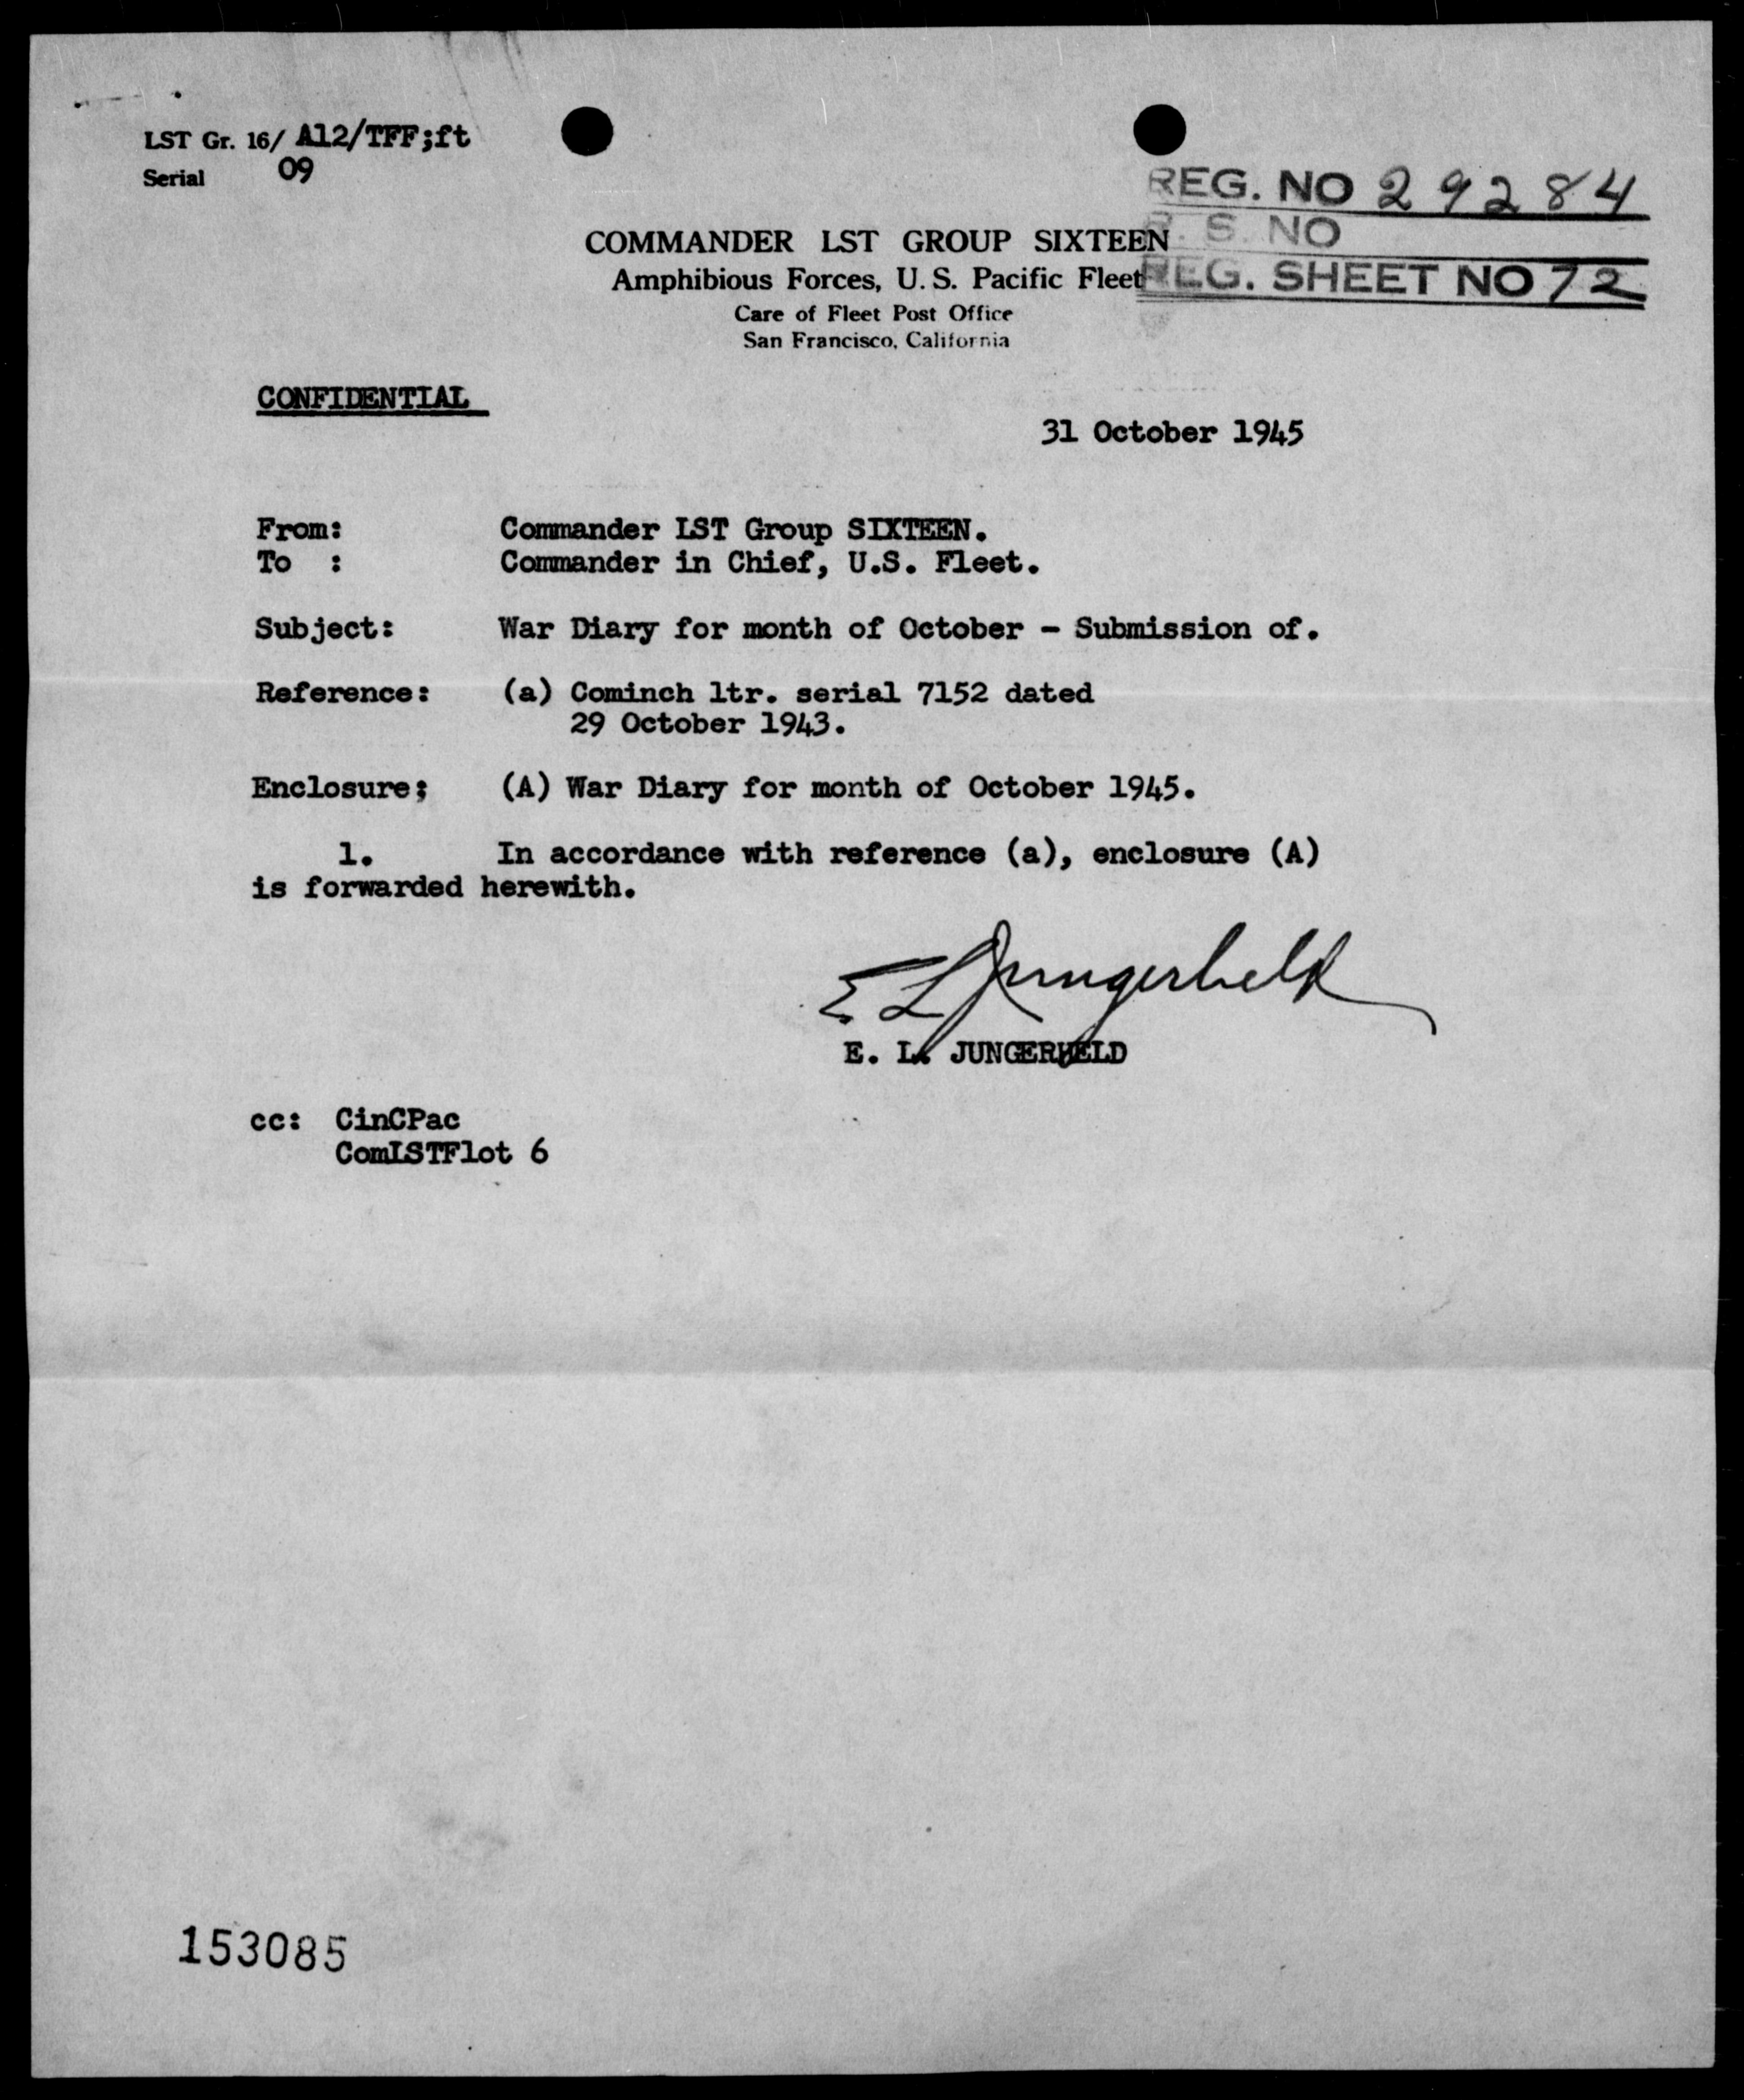 COM LST GR 16 - War Diary, 10/1-31/45